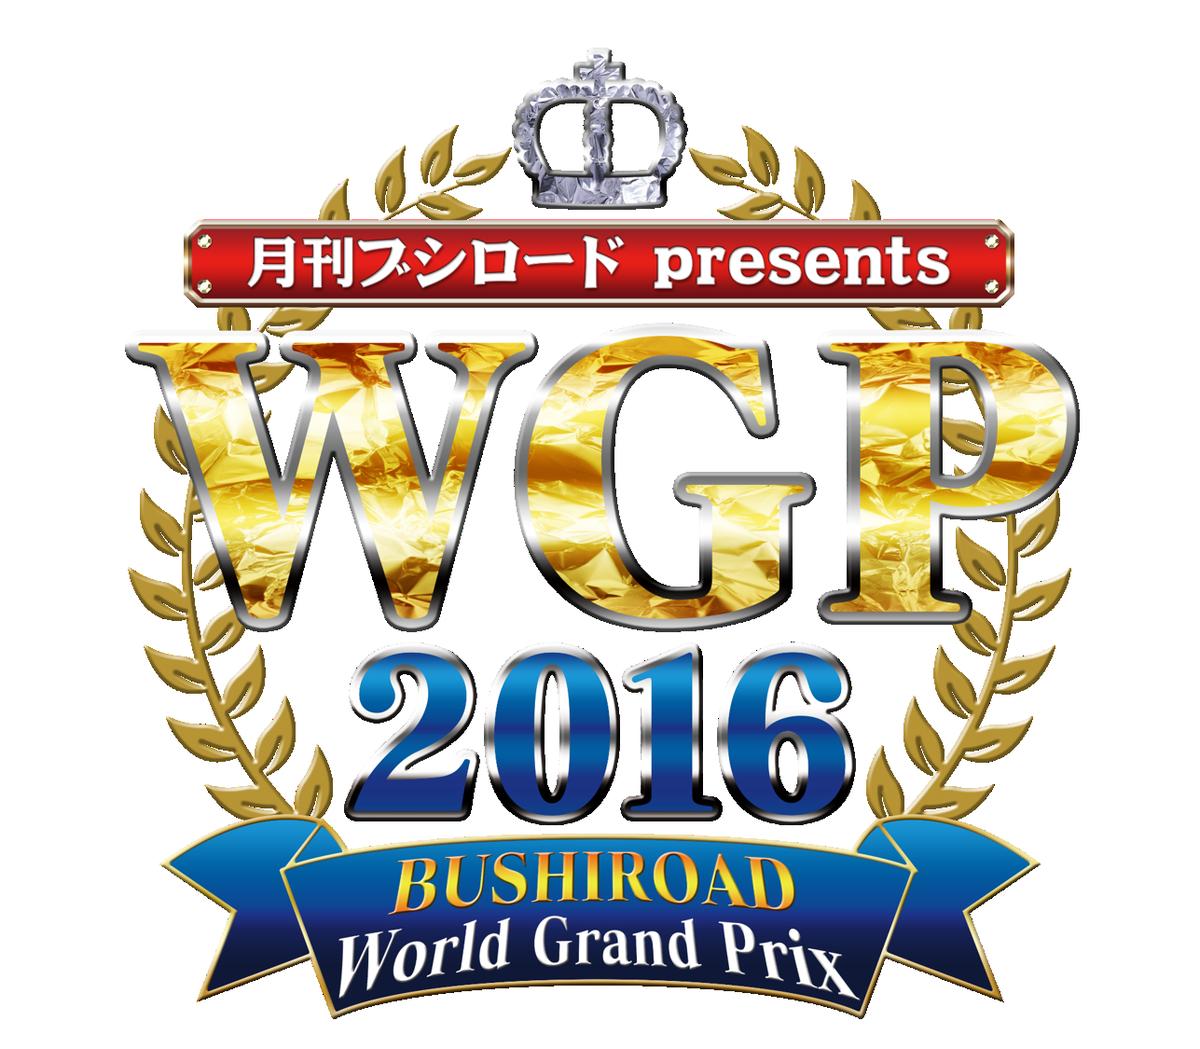 【#WGP2016】ロジカリストチャンピオンシップ岡山会場のデッキレシピを公開しました!岡山会場はアシュリーやトコナツの